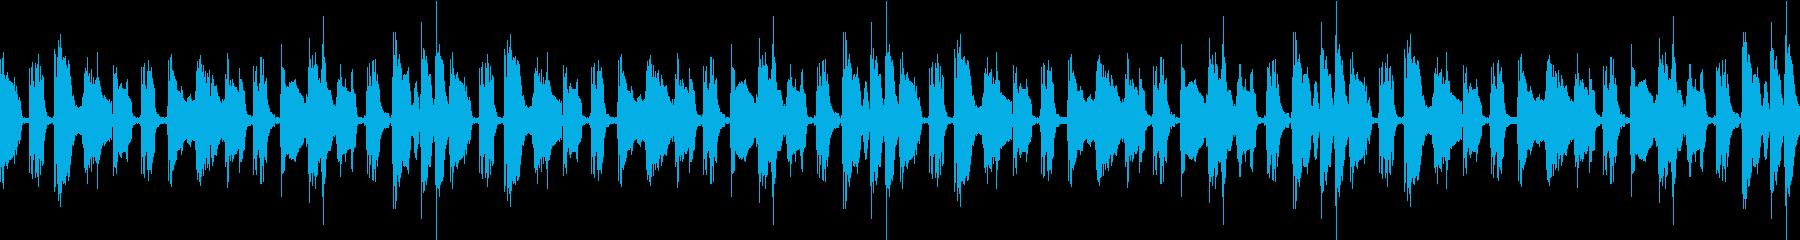 カウボーイブルースループの再生済みの波形